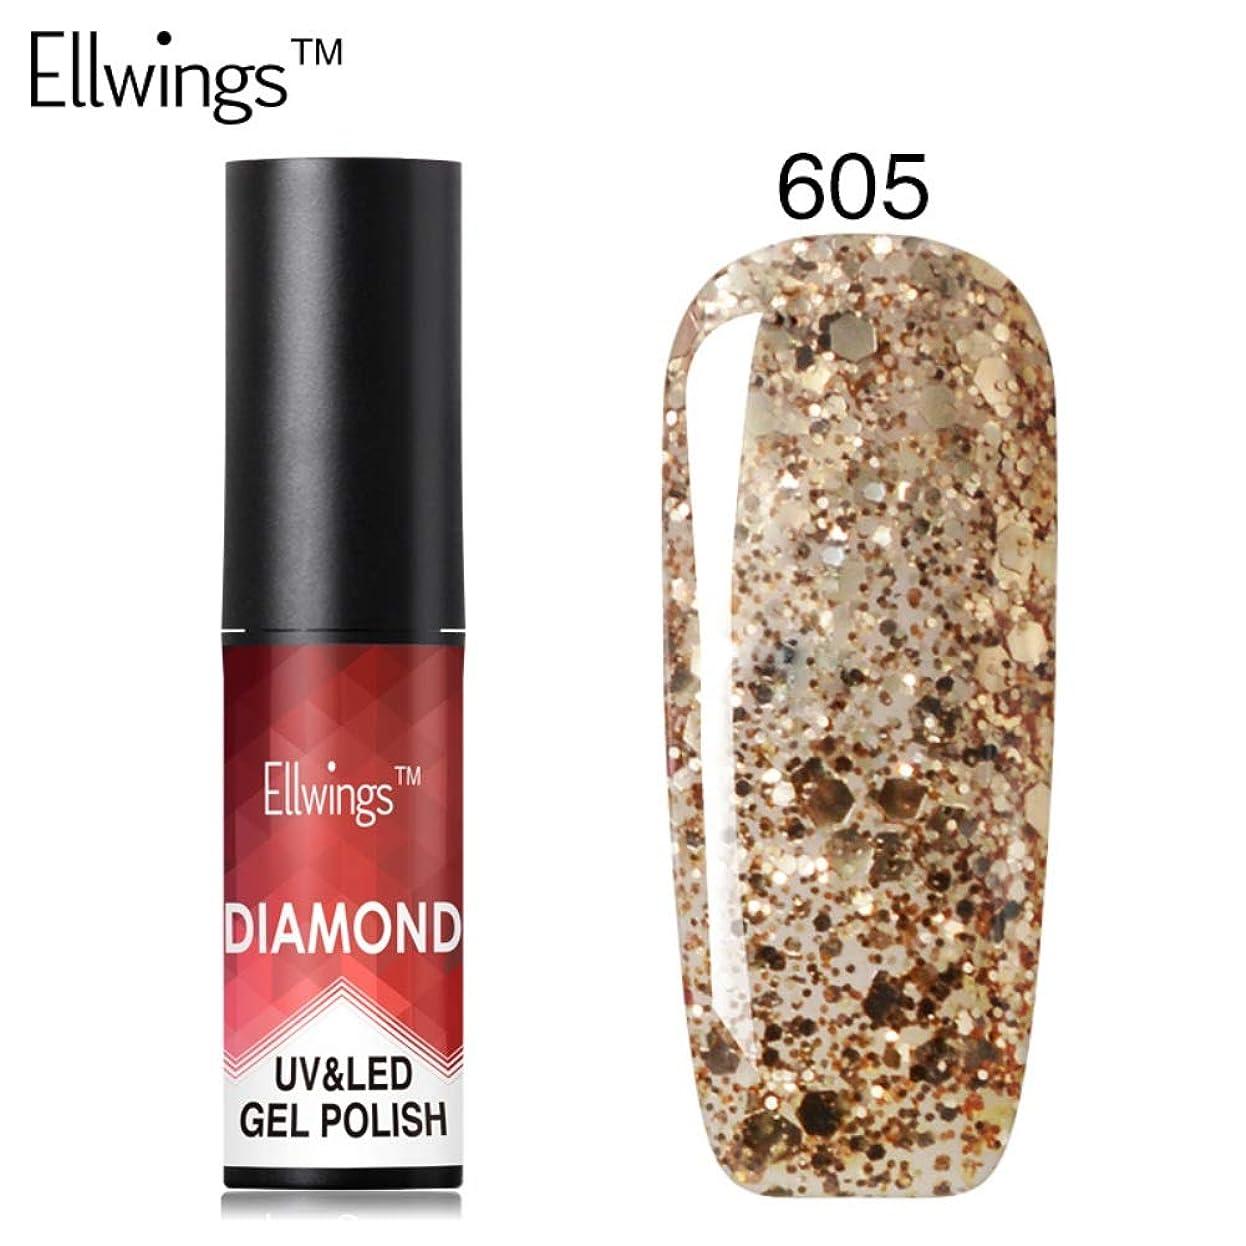 取り消すなので不幸ファッション ネイルジェル ダイヤモンド グリッター ネイルアート ソークオフ UV LED ジェルネイルポリッシュ プラチナジェルポリッシュ Cutelove